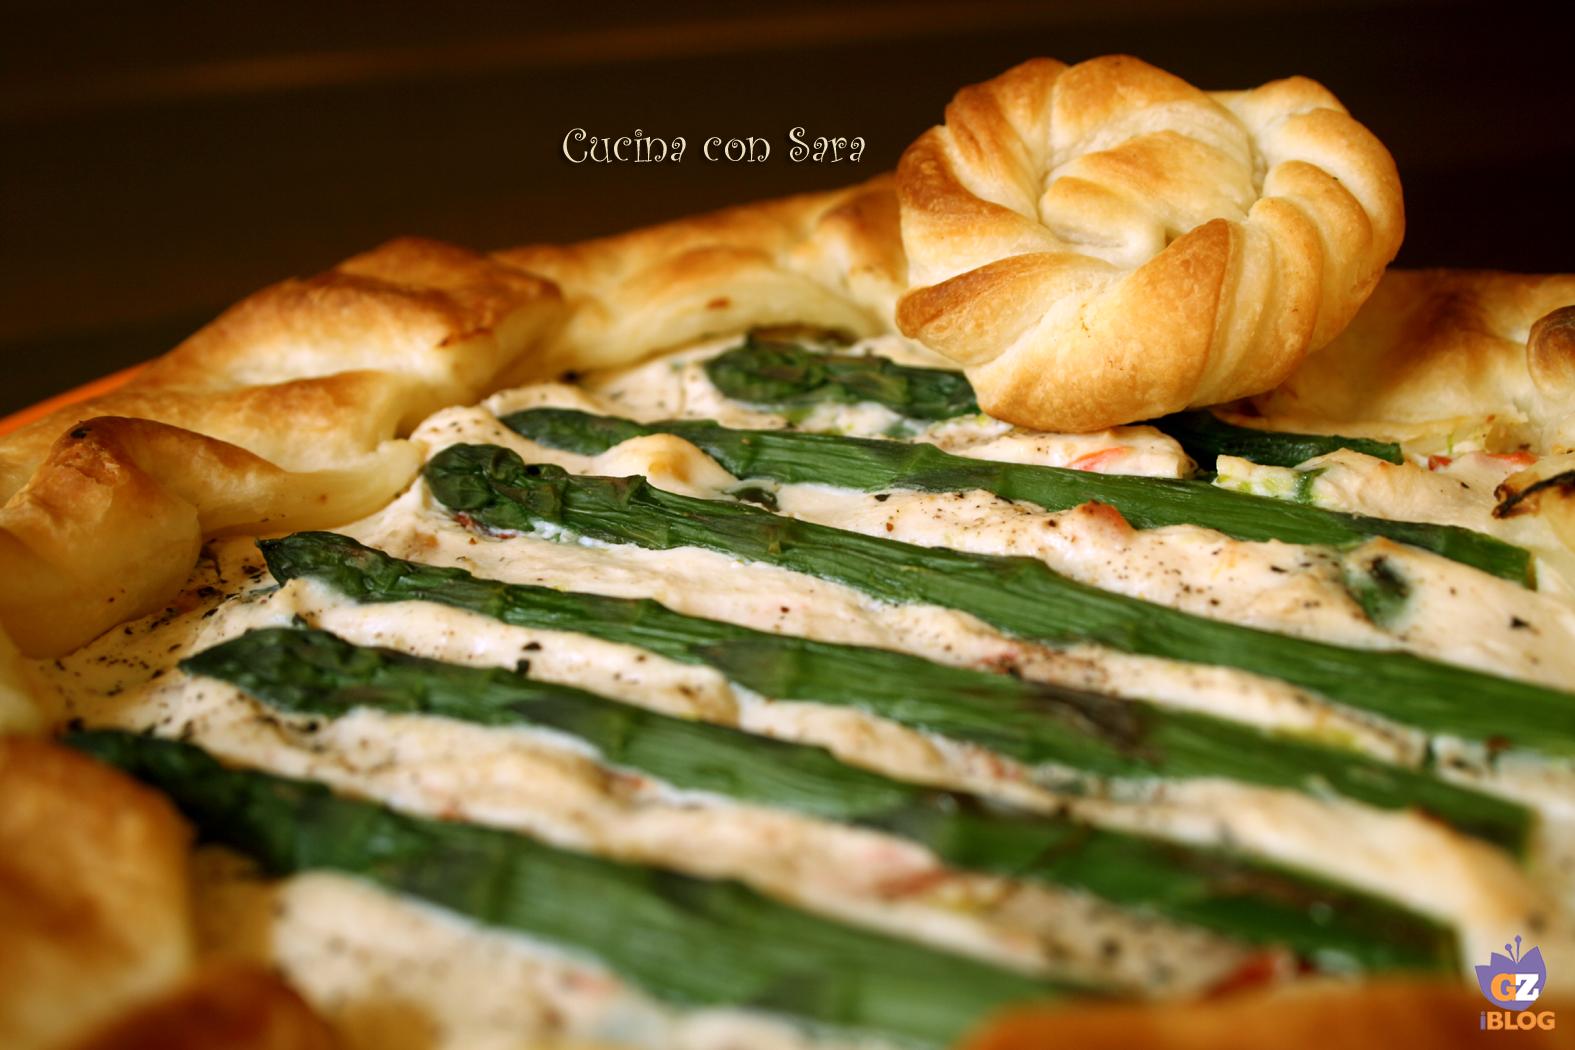 Torta salata asparagi e ricotta, cucina con sara